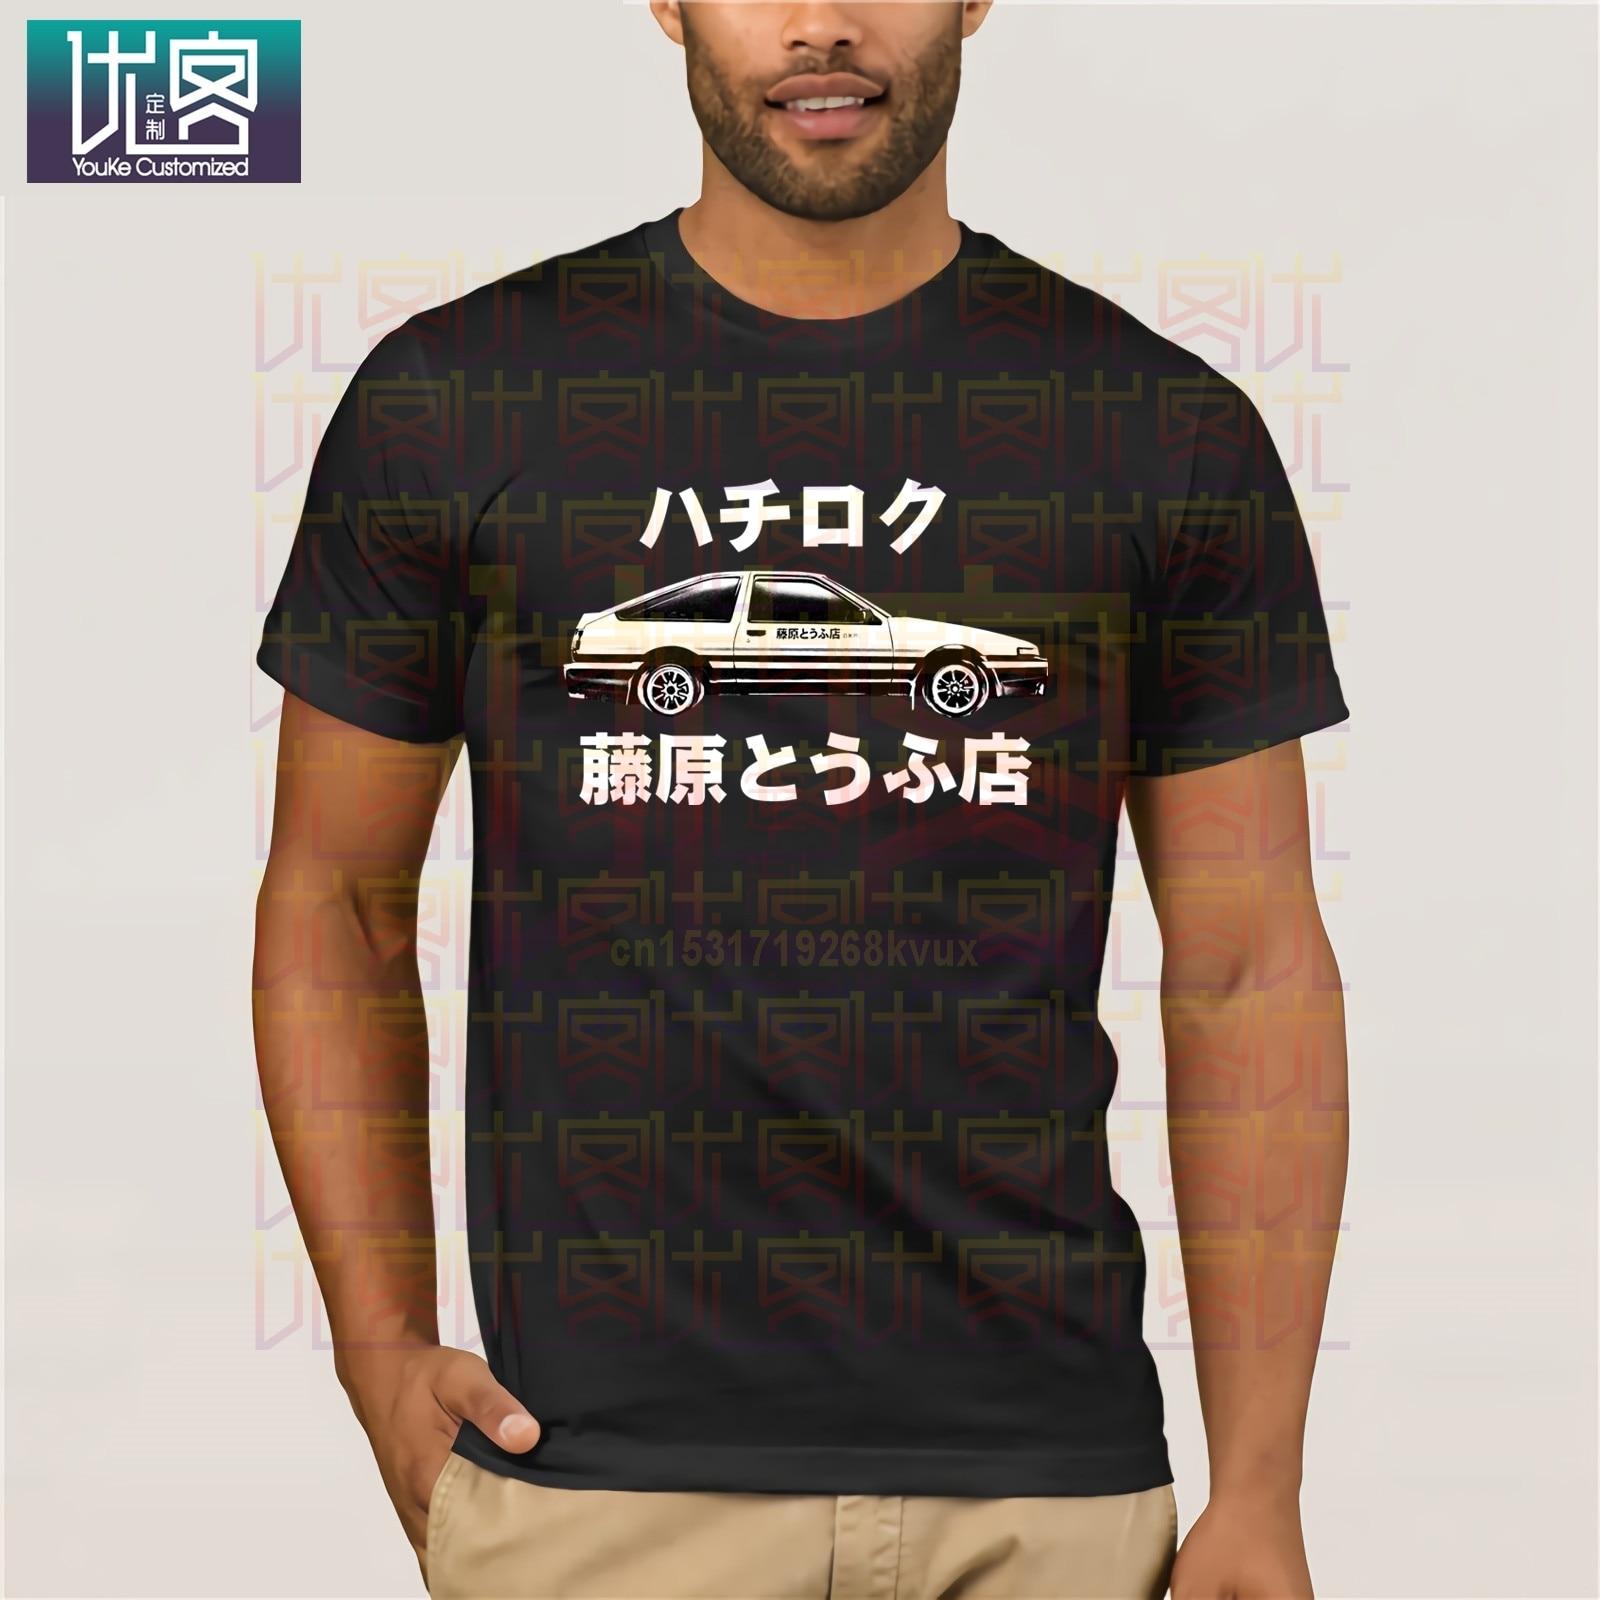 패션 프린트 라운드 남자 티셔츠 이니셜 D 셔츠 Ae86 티셔츠 Trueno Hachiroku Drift Corolla Sprinter Tee Shirt